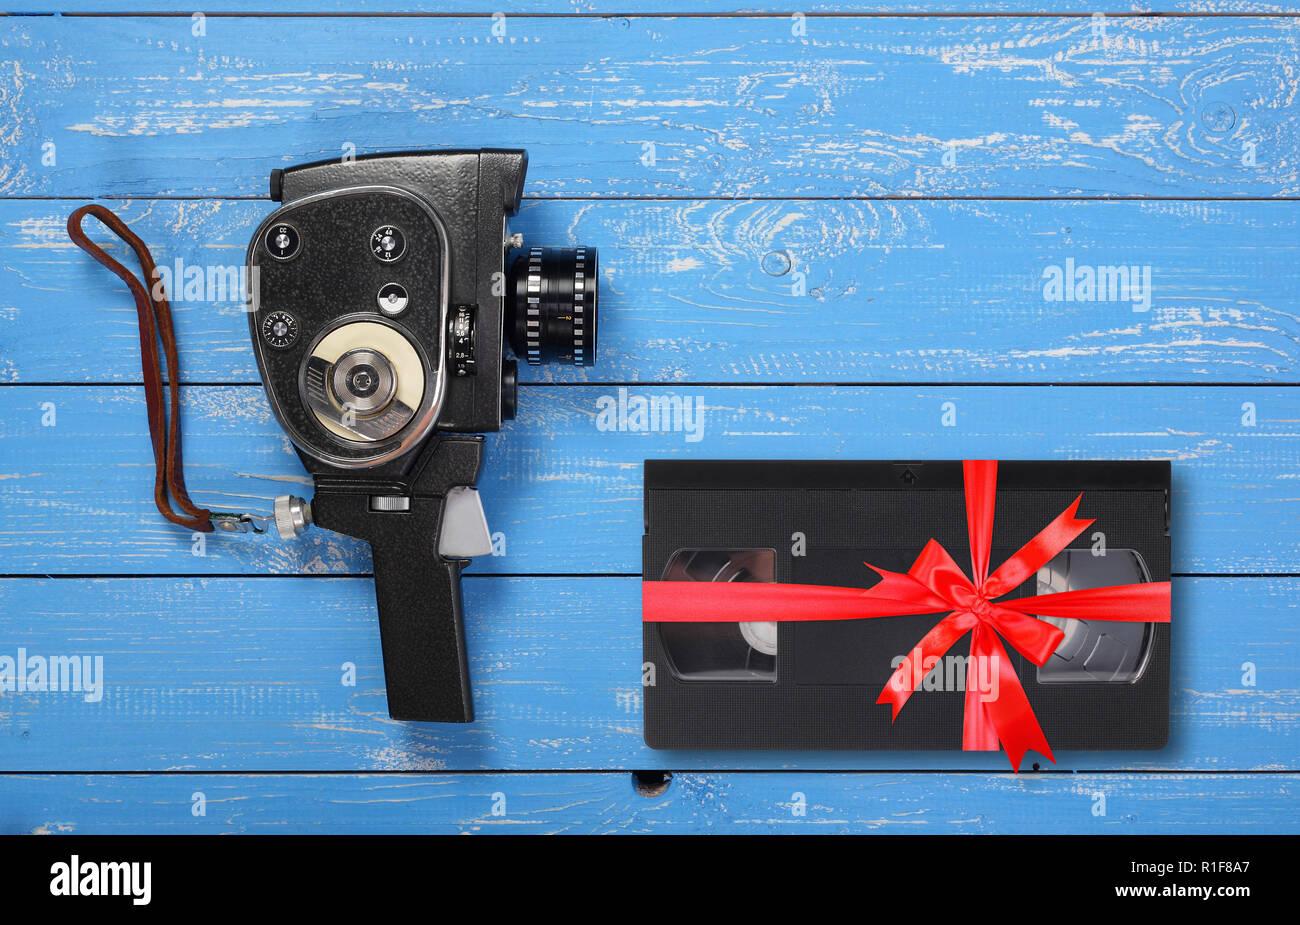 Vintage Portable Film Kamera Video Vhs Geschenk Gebunden